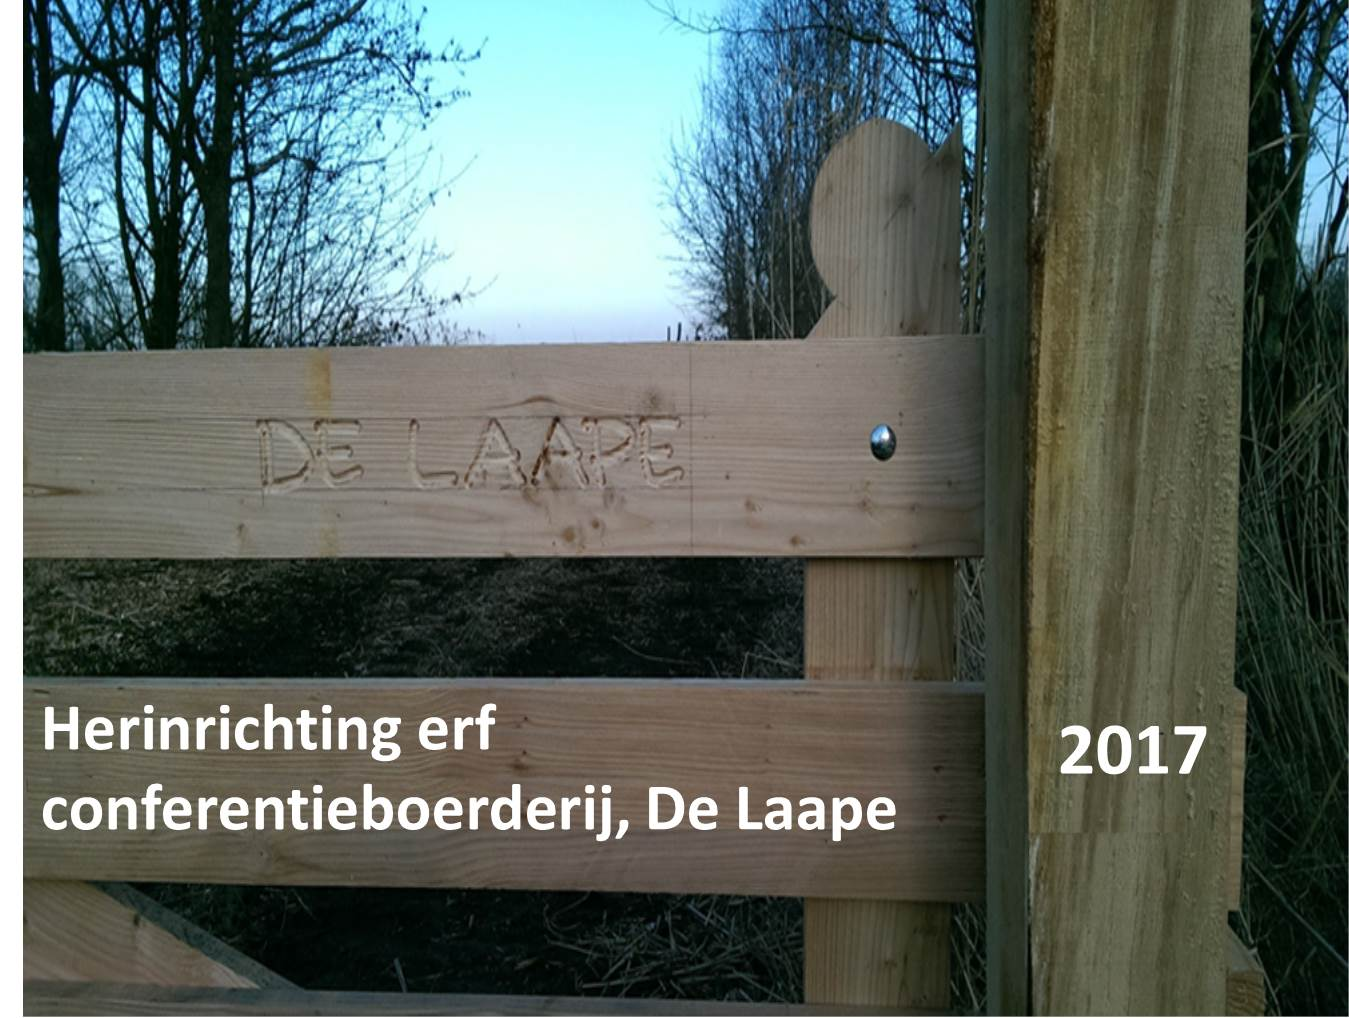 Herinrichting erf conferentieboerderij, De Laape